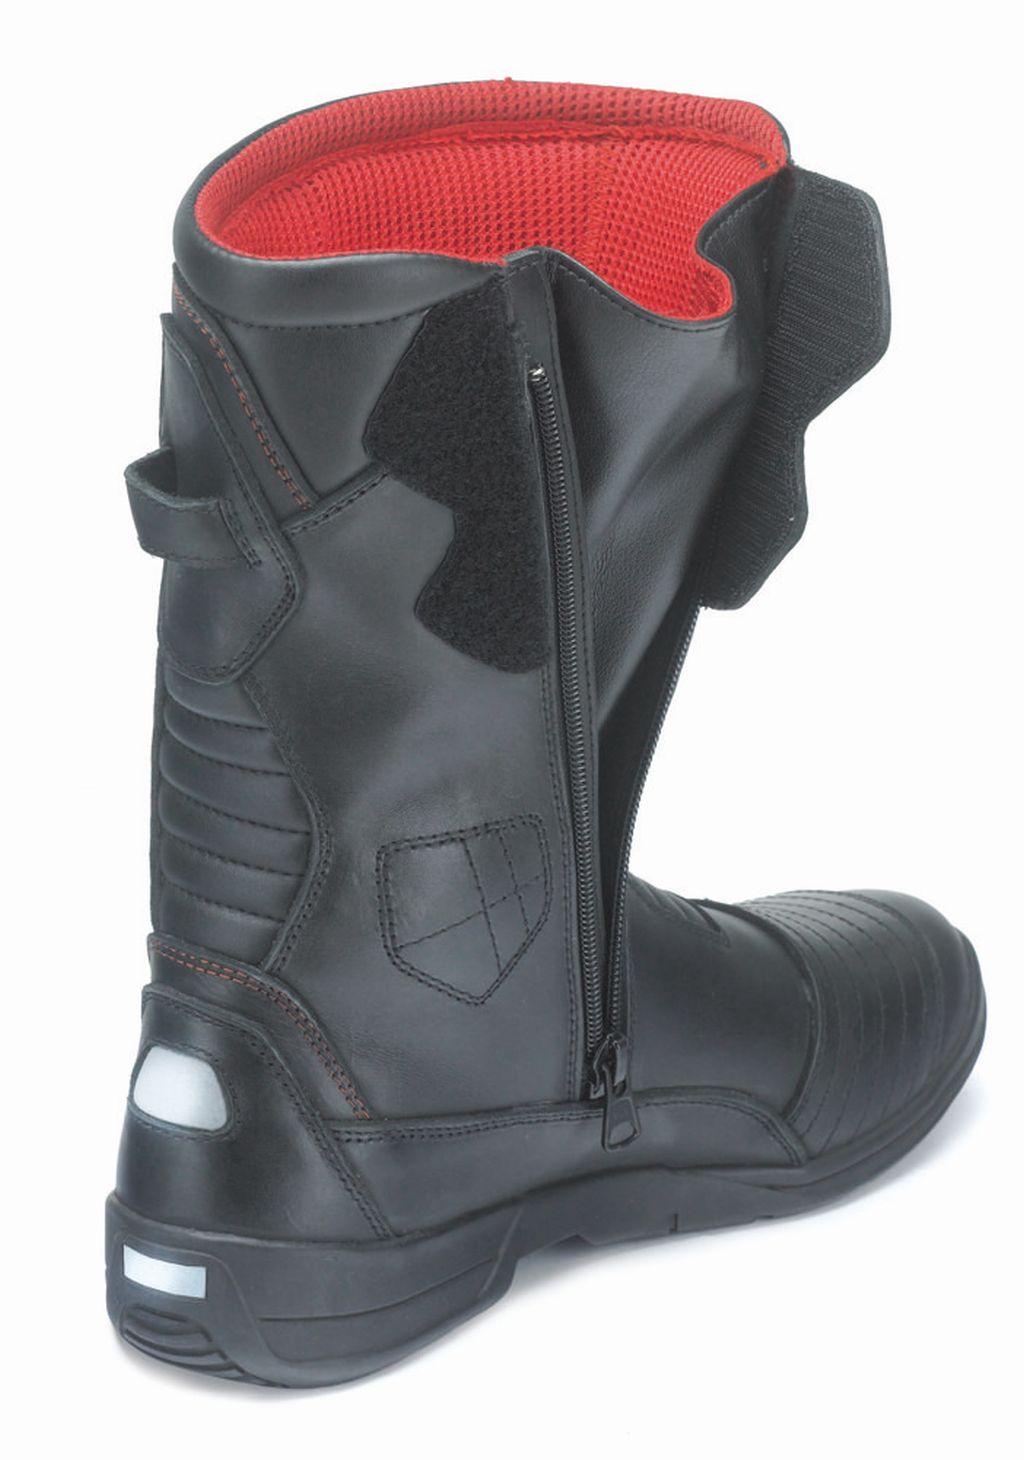 Motorradstiefel Tourenstiefel Stiefel Schwarz Leder Voyager Gr 38-47 NEU